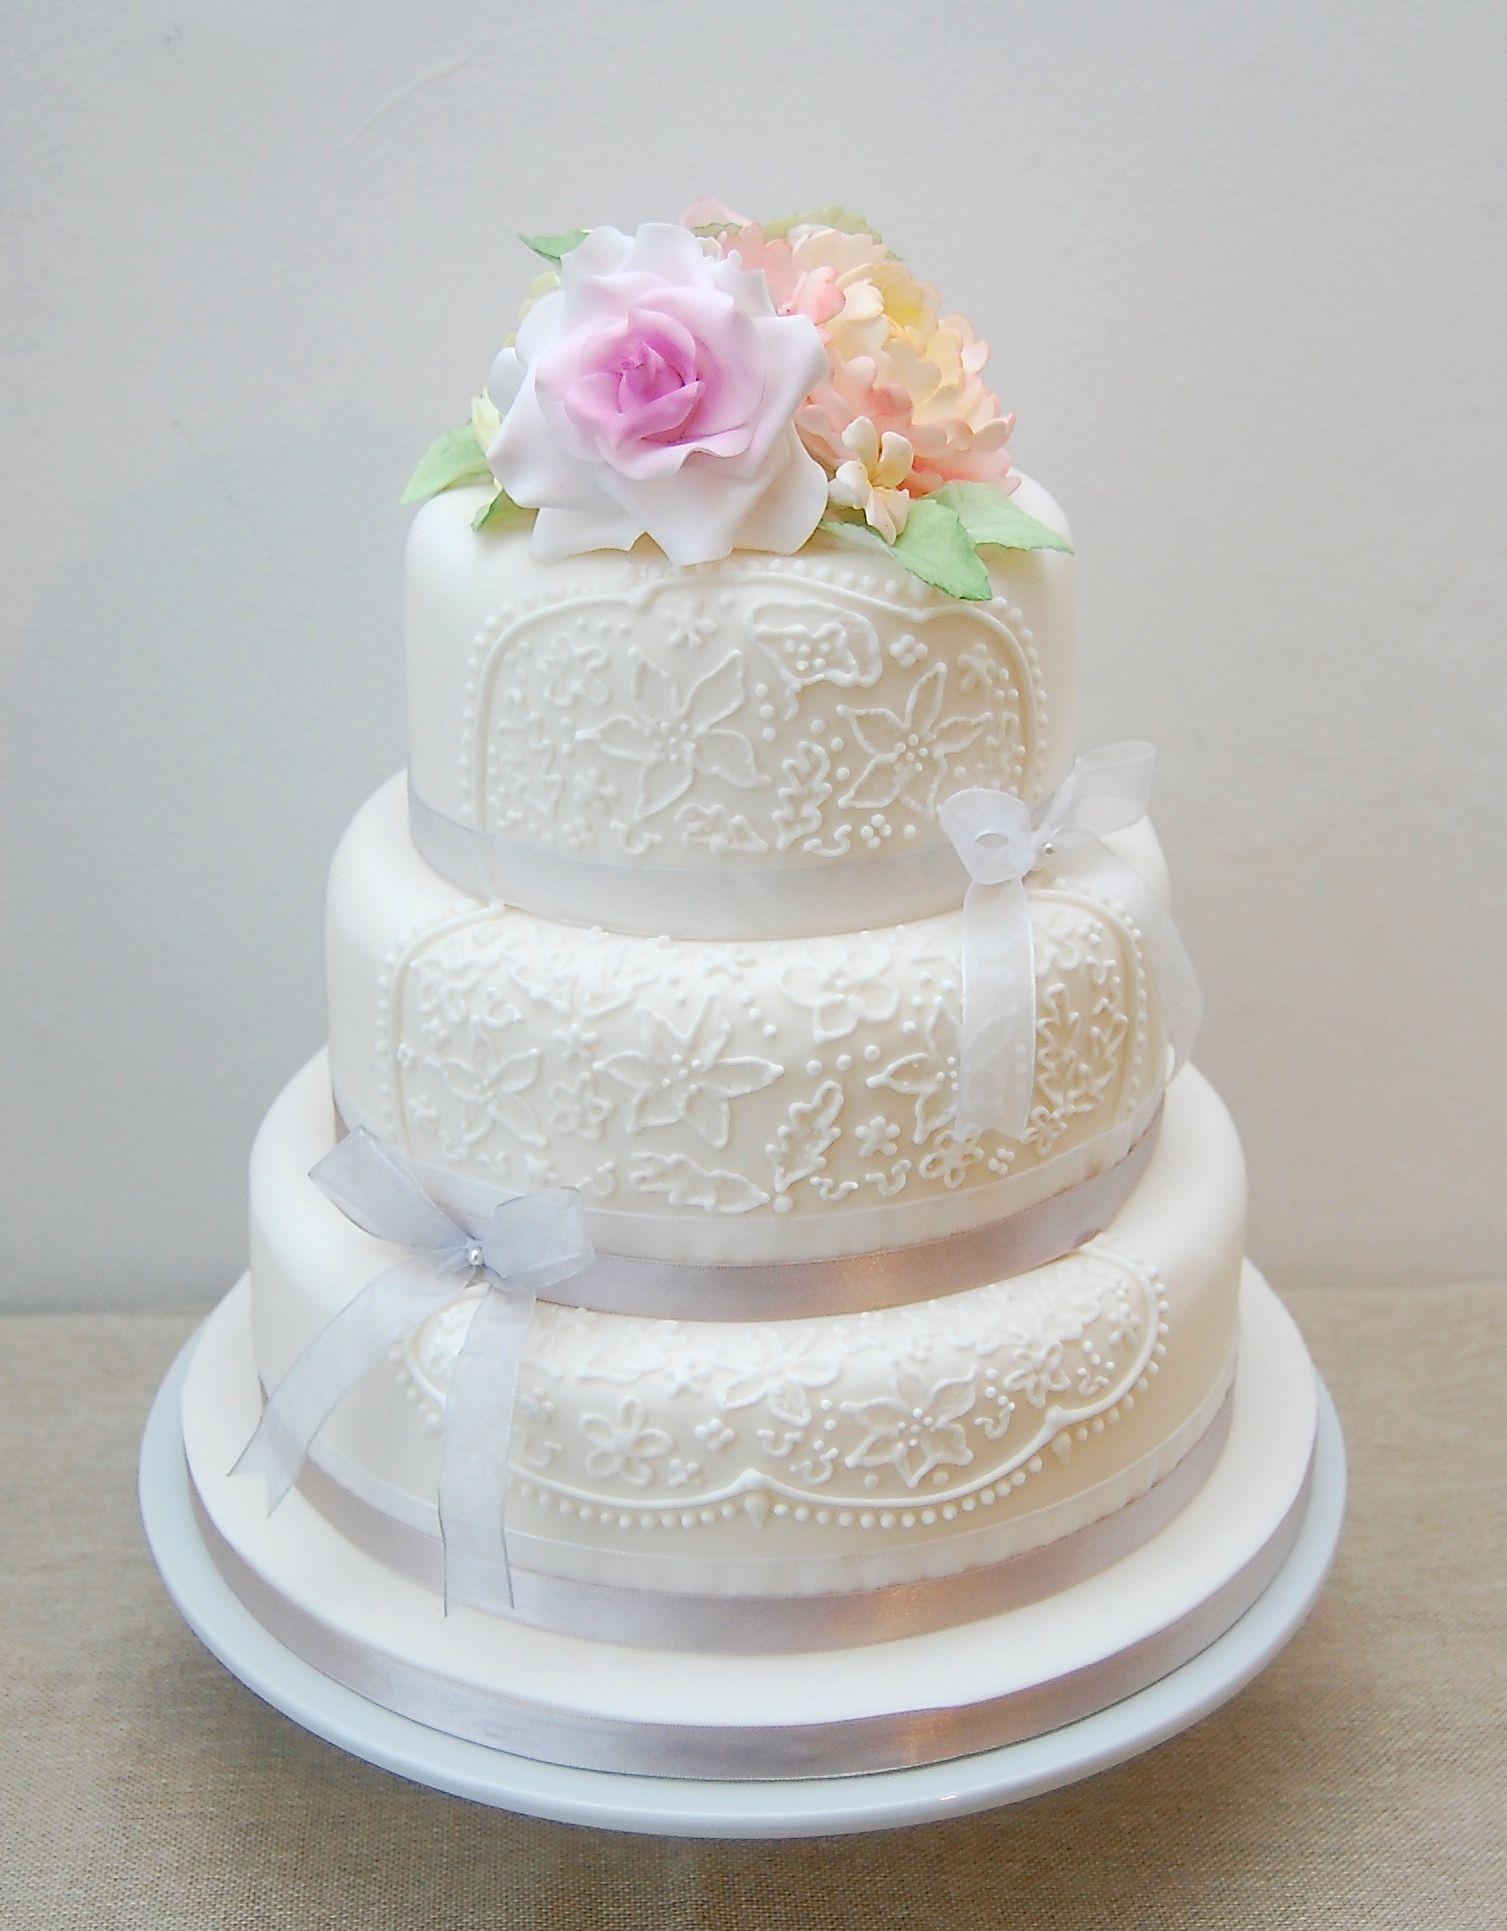 White lace and sugar flower wedding cake wedding cakes Pinterest